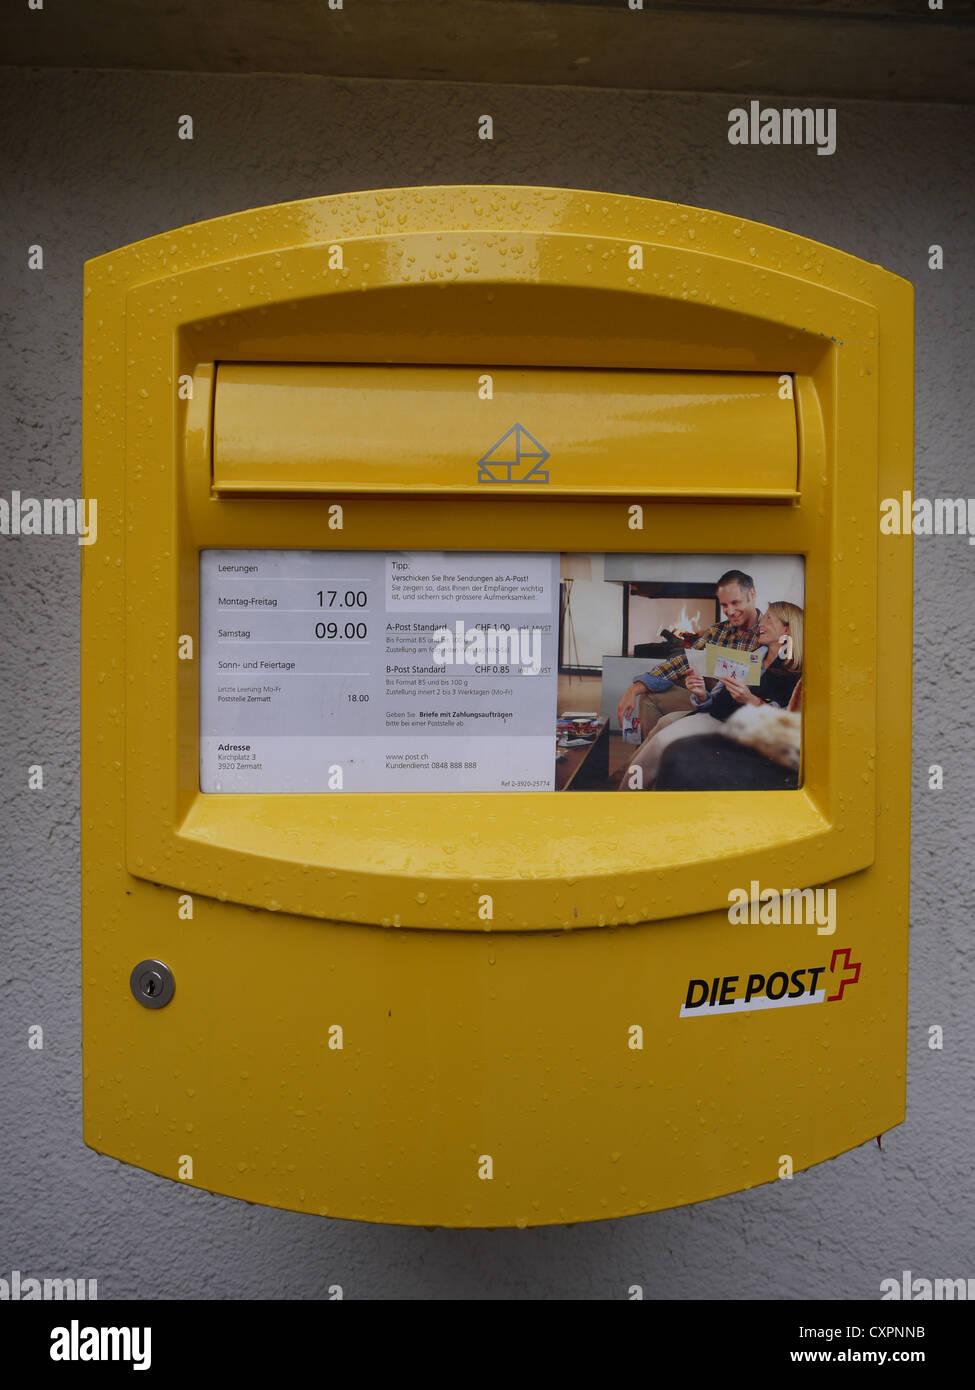 Die post postbox in Bahnhofstrasse Zermatt, Switzerland - Stock Image